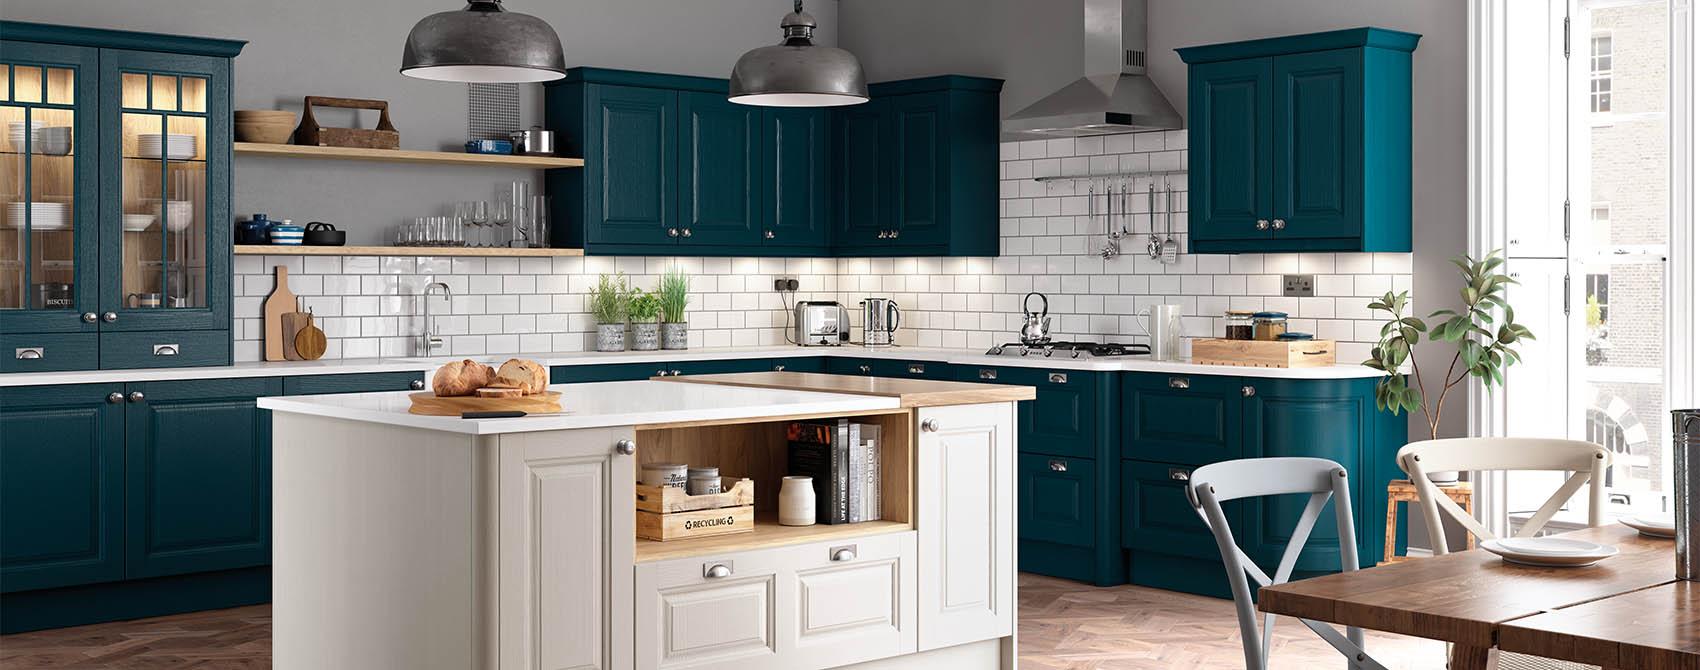 Rothley Kitchens